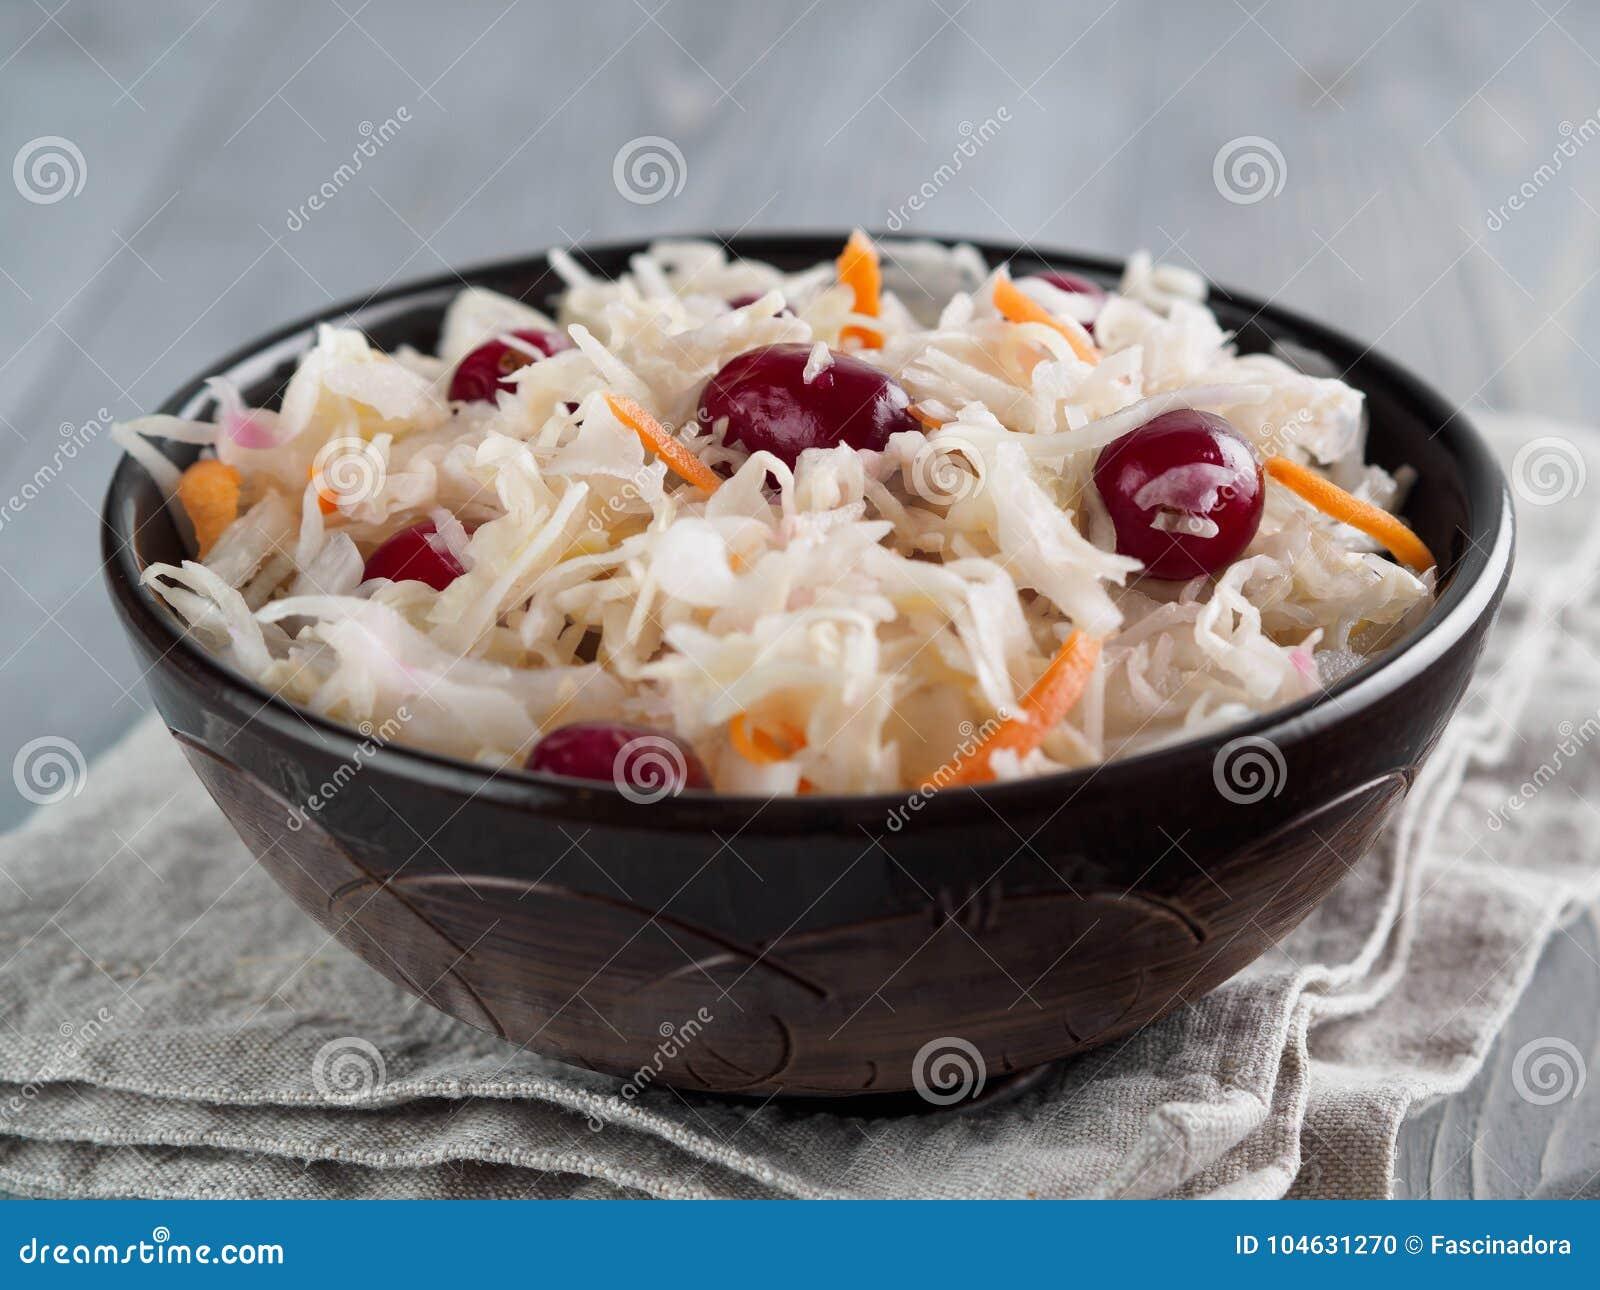 Download Zuurkool Met Amerikaanse Veenbes En Wortel Stock Foto - Afbeelding bestaande uit vers, heerlijk: 104631270